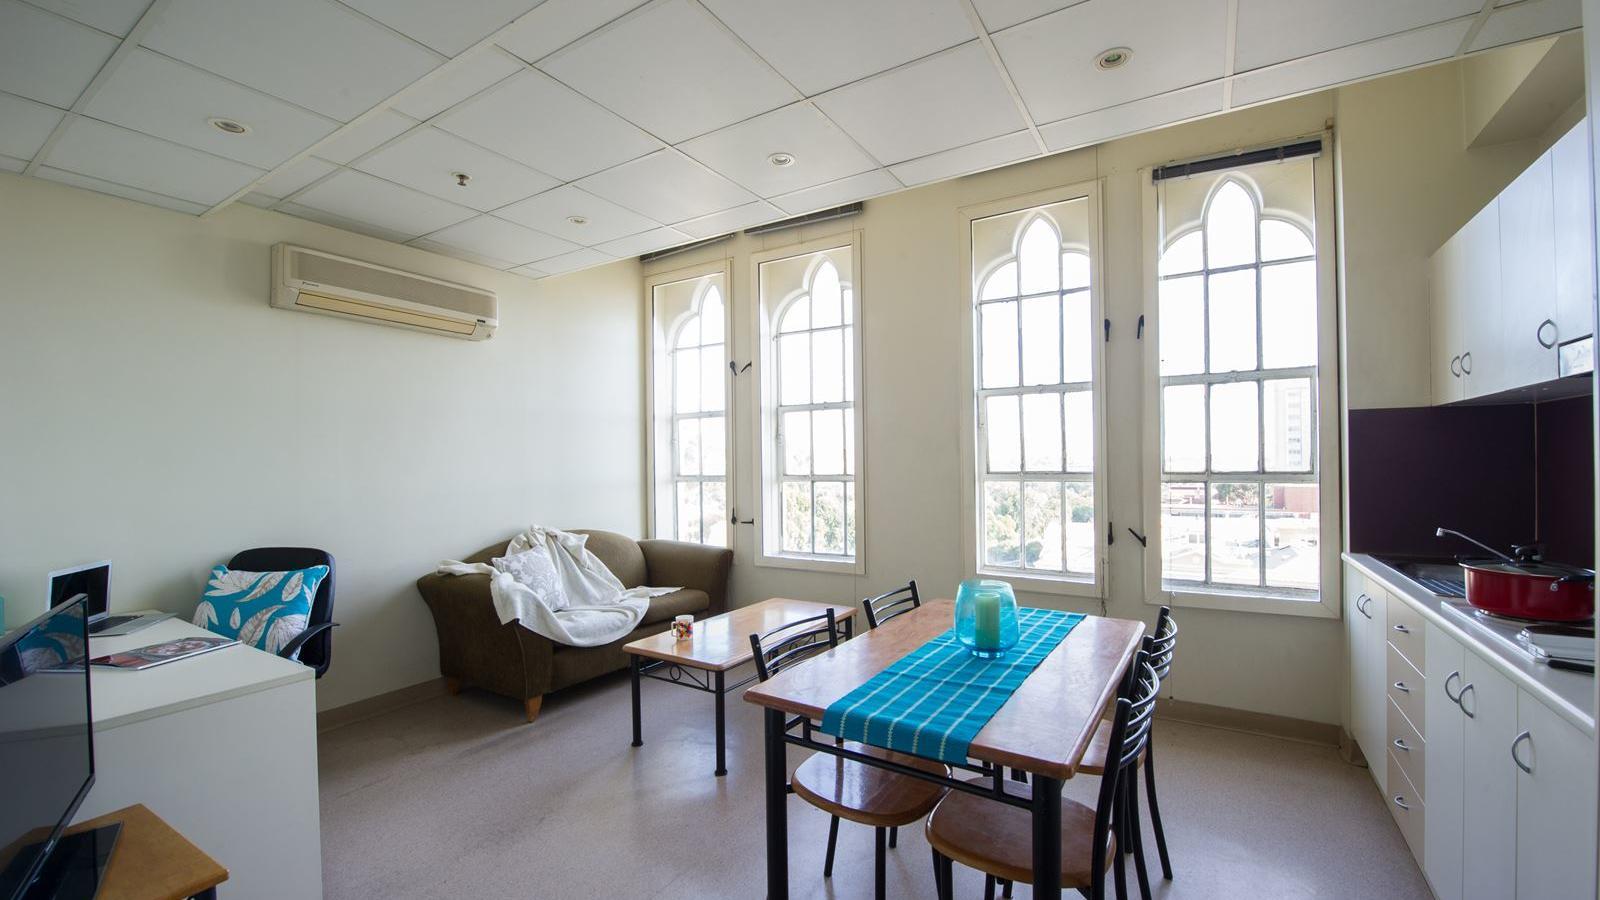 学生生活 - 托宾之家+1卧室公寓生活,休息室和厨房区